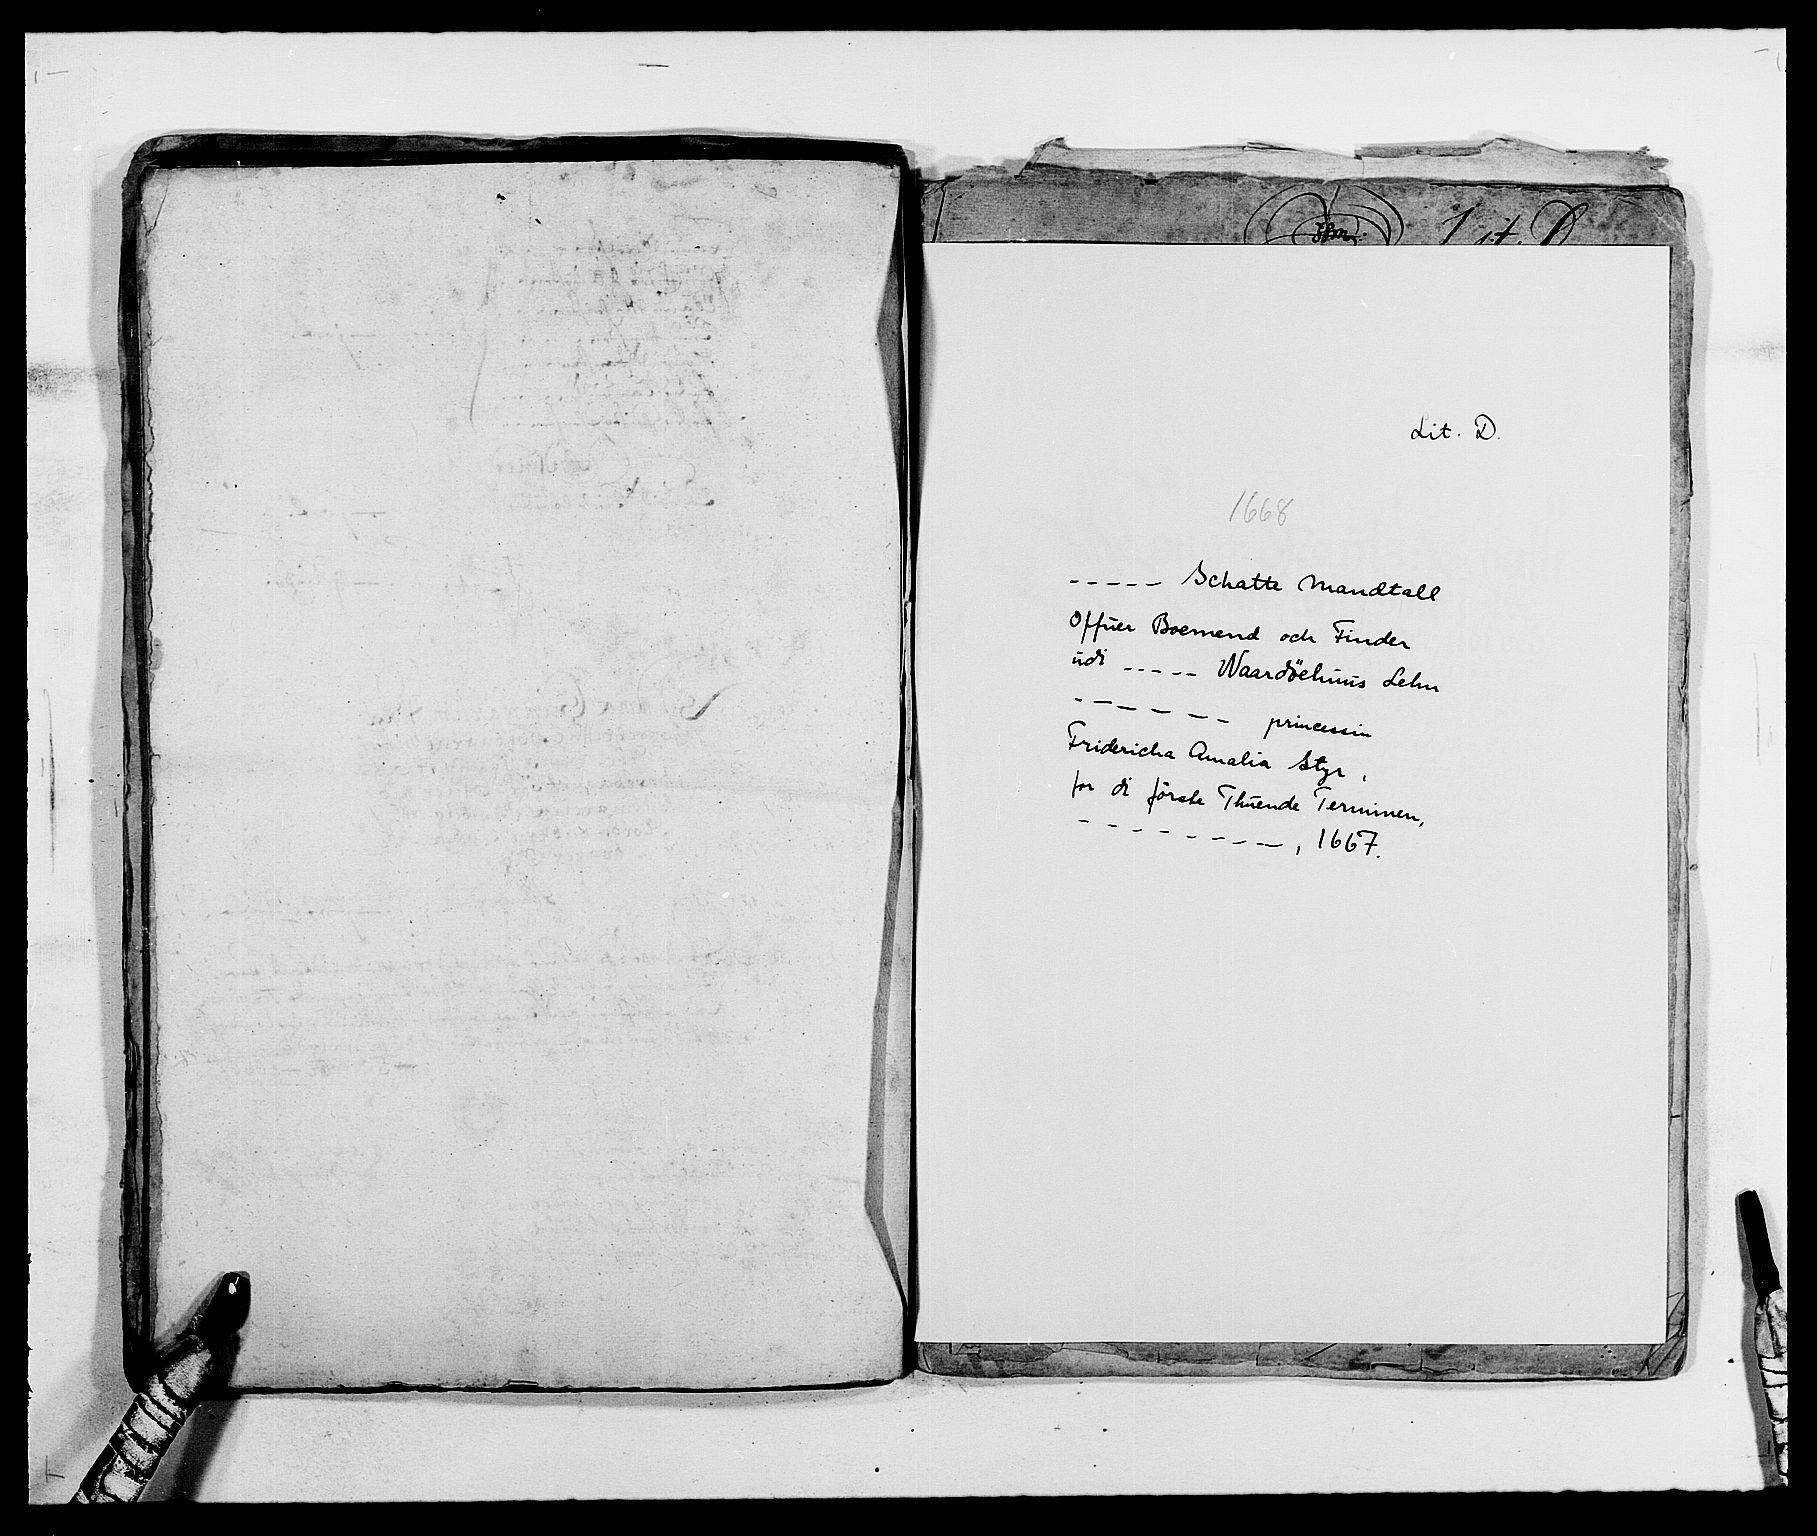 RA, Rentekammeret inntil 1814, Reviderte regnskaper, Fogderegnskap, R69/L4849: Fogderegnskap Finnmark/Vardøhus, 1661-1679, s. 159